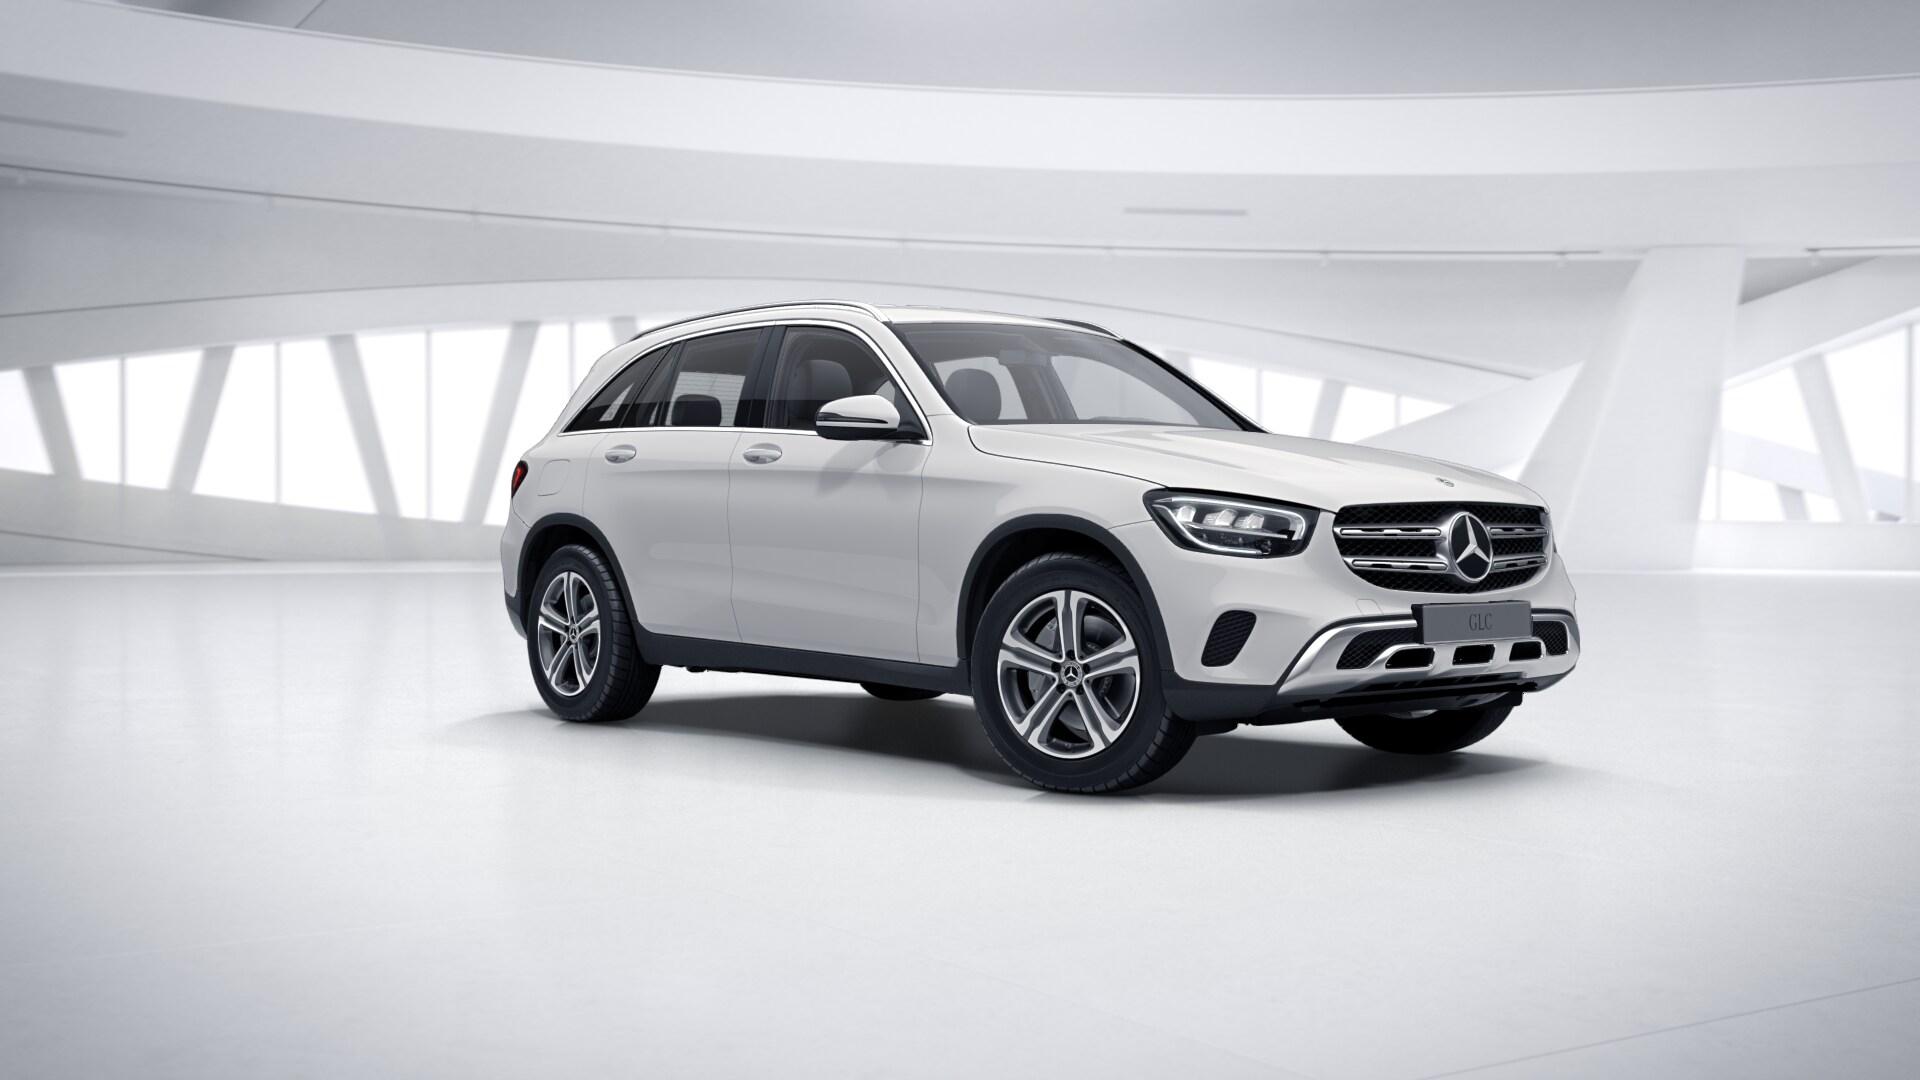 Mercedes Benz GLC blanche Finition 4 Matic Dynamic  : Vue de trois quarts de profil à l'arrêt